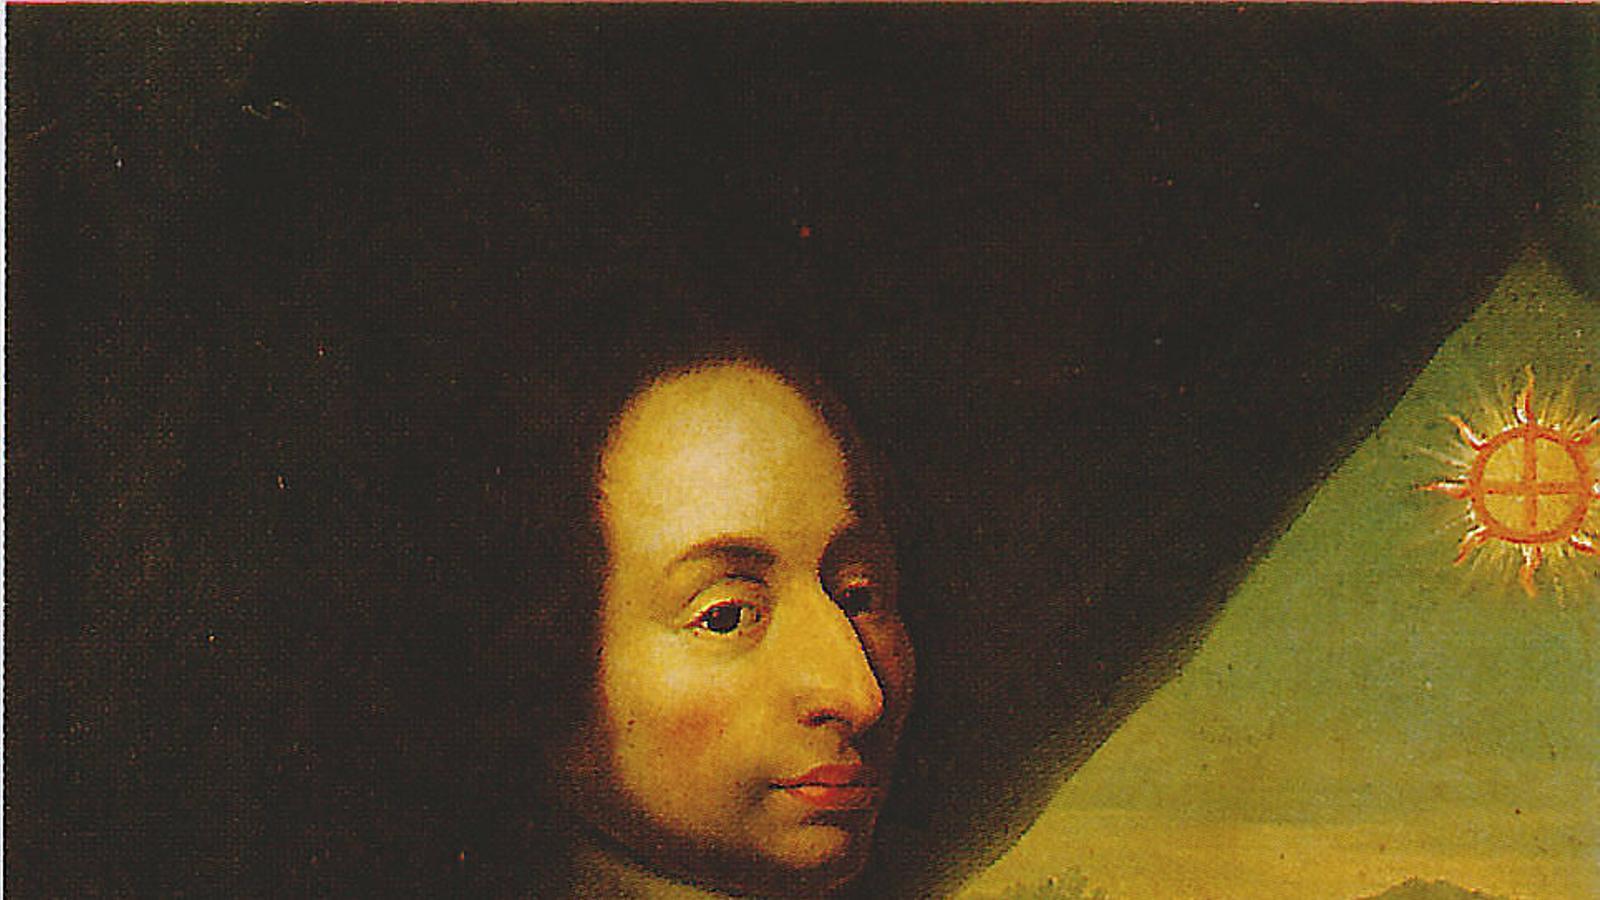 Pintura anònima que representa el filòsof datat al segle XVII.